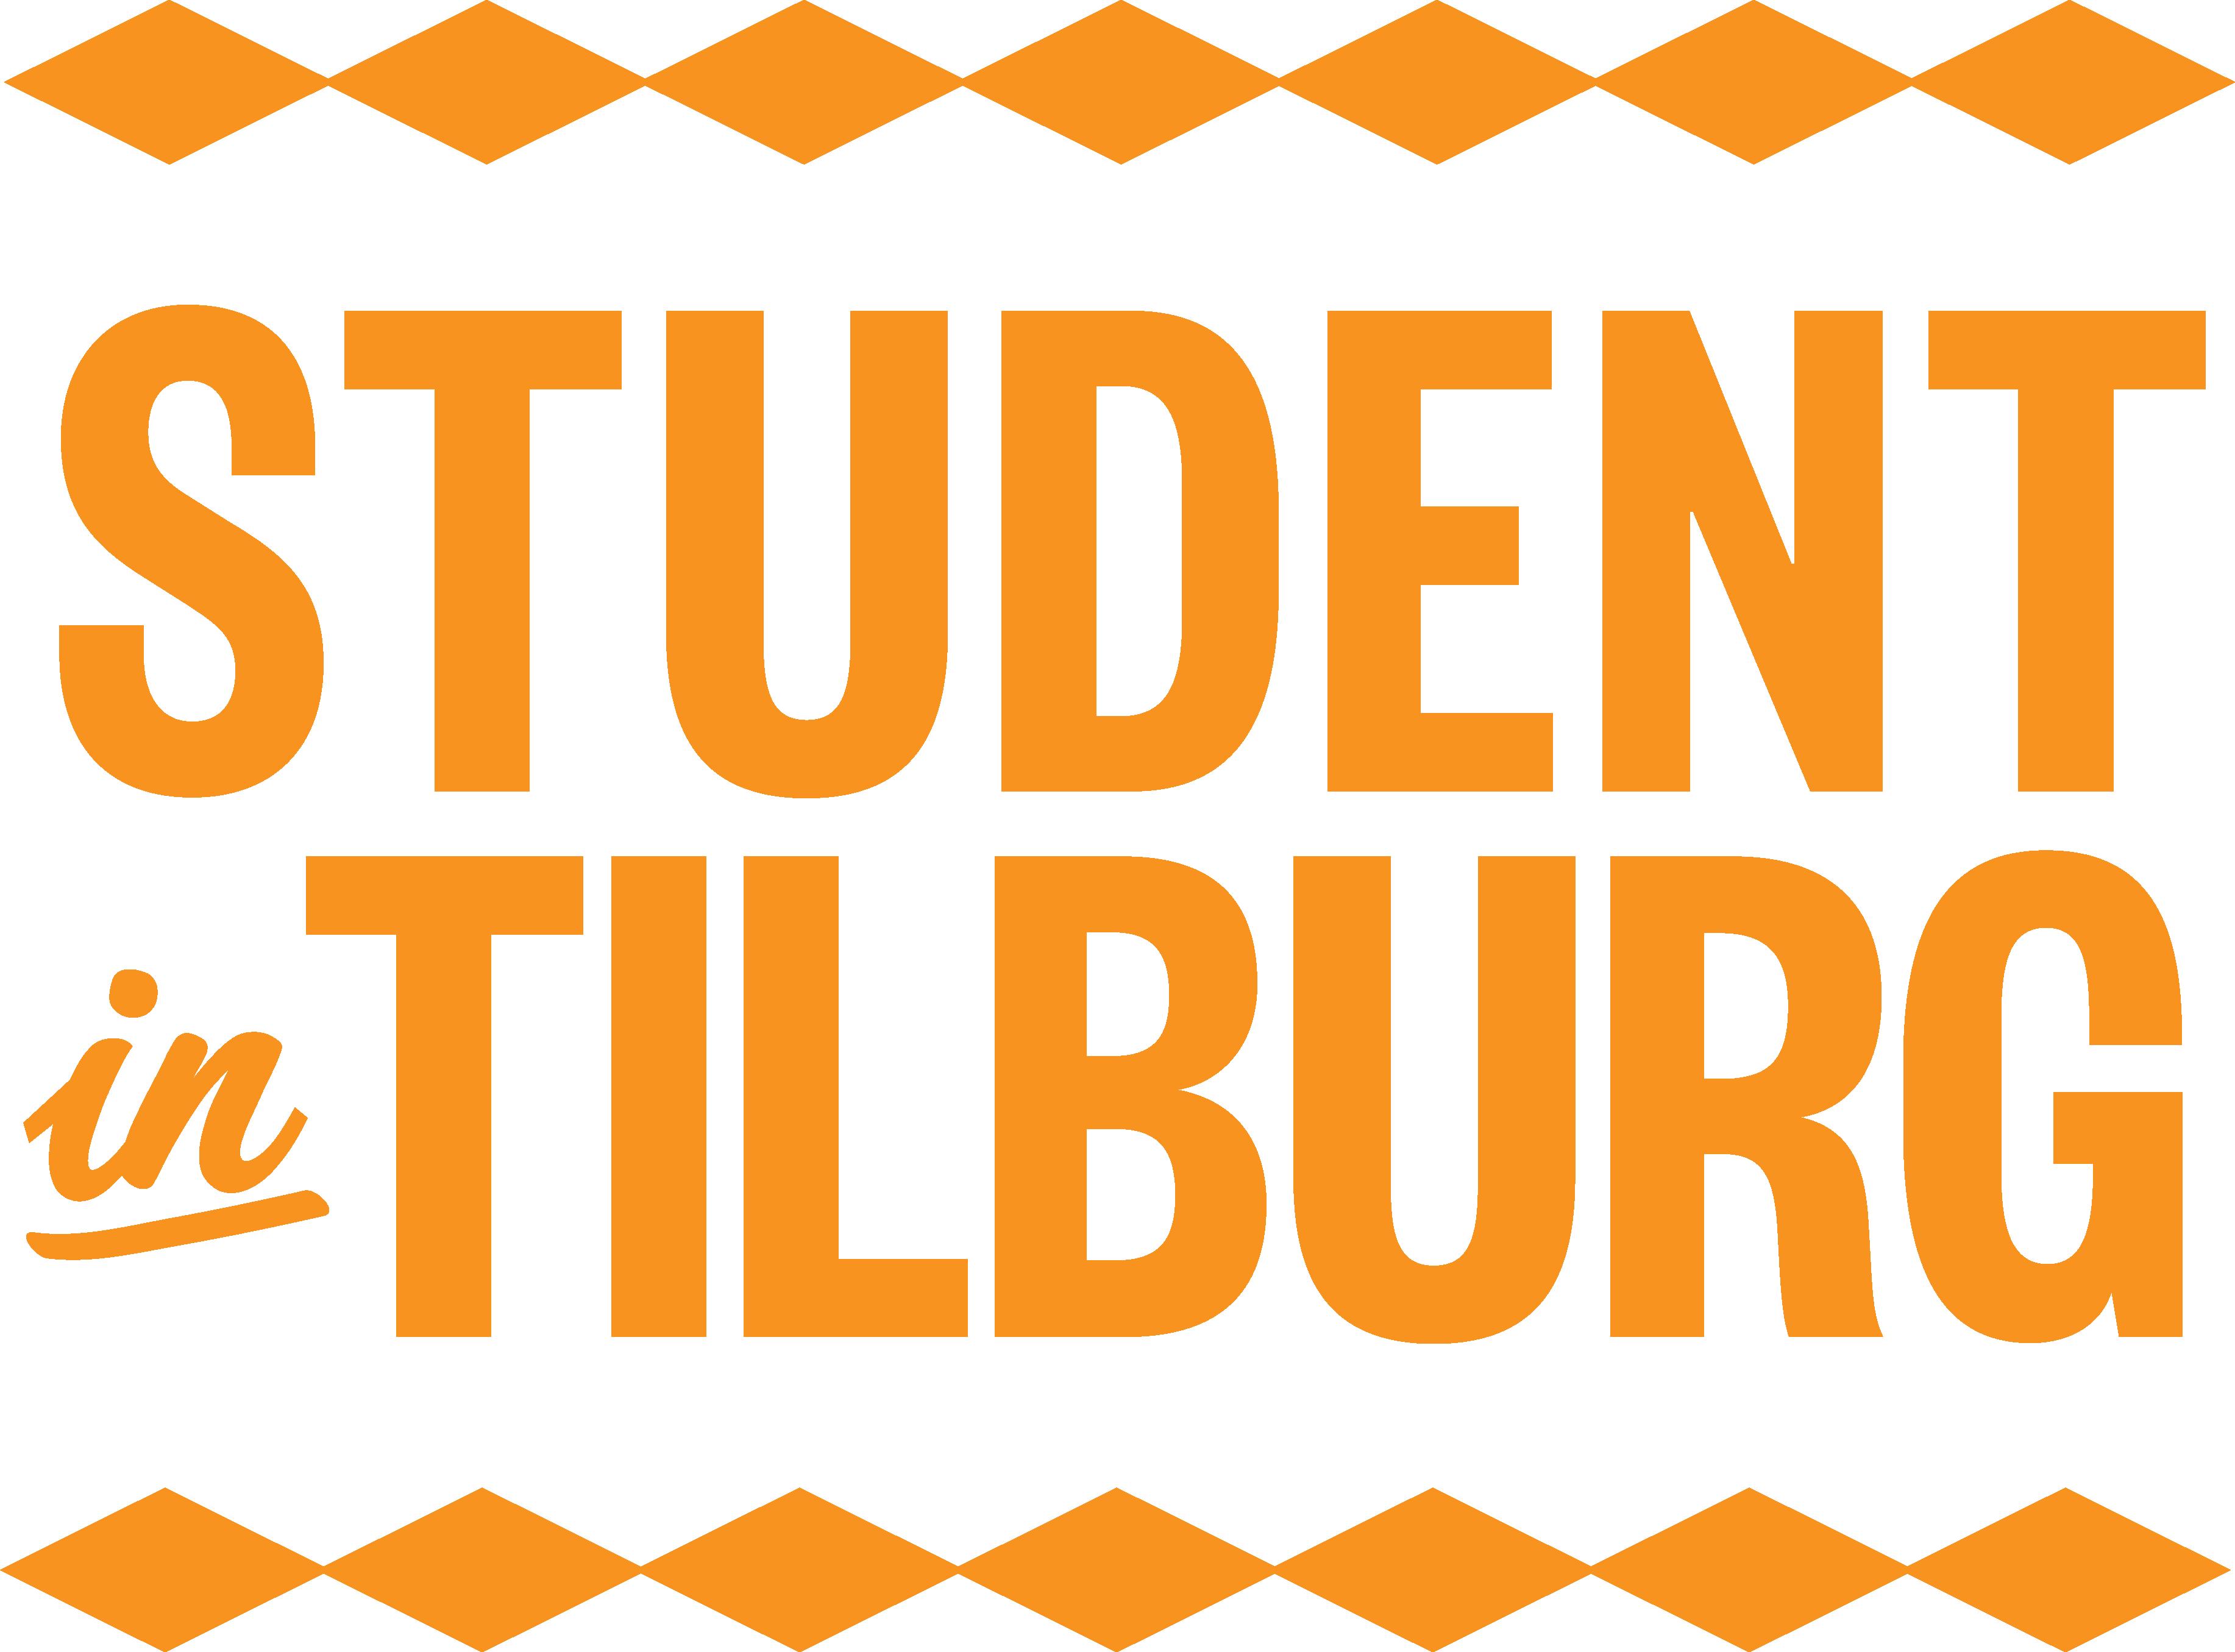 CityMarketing Tilburg - Student in Tilburg